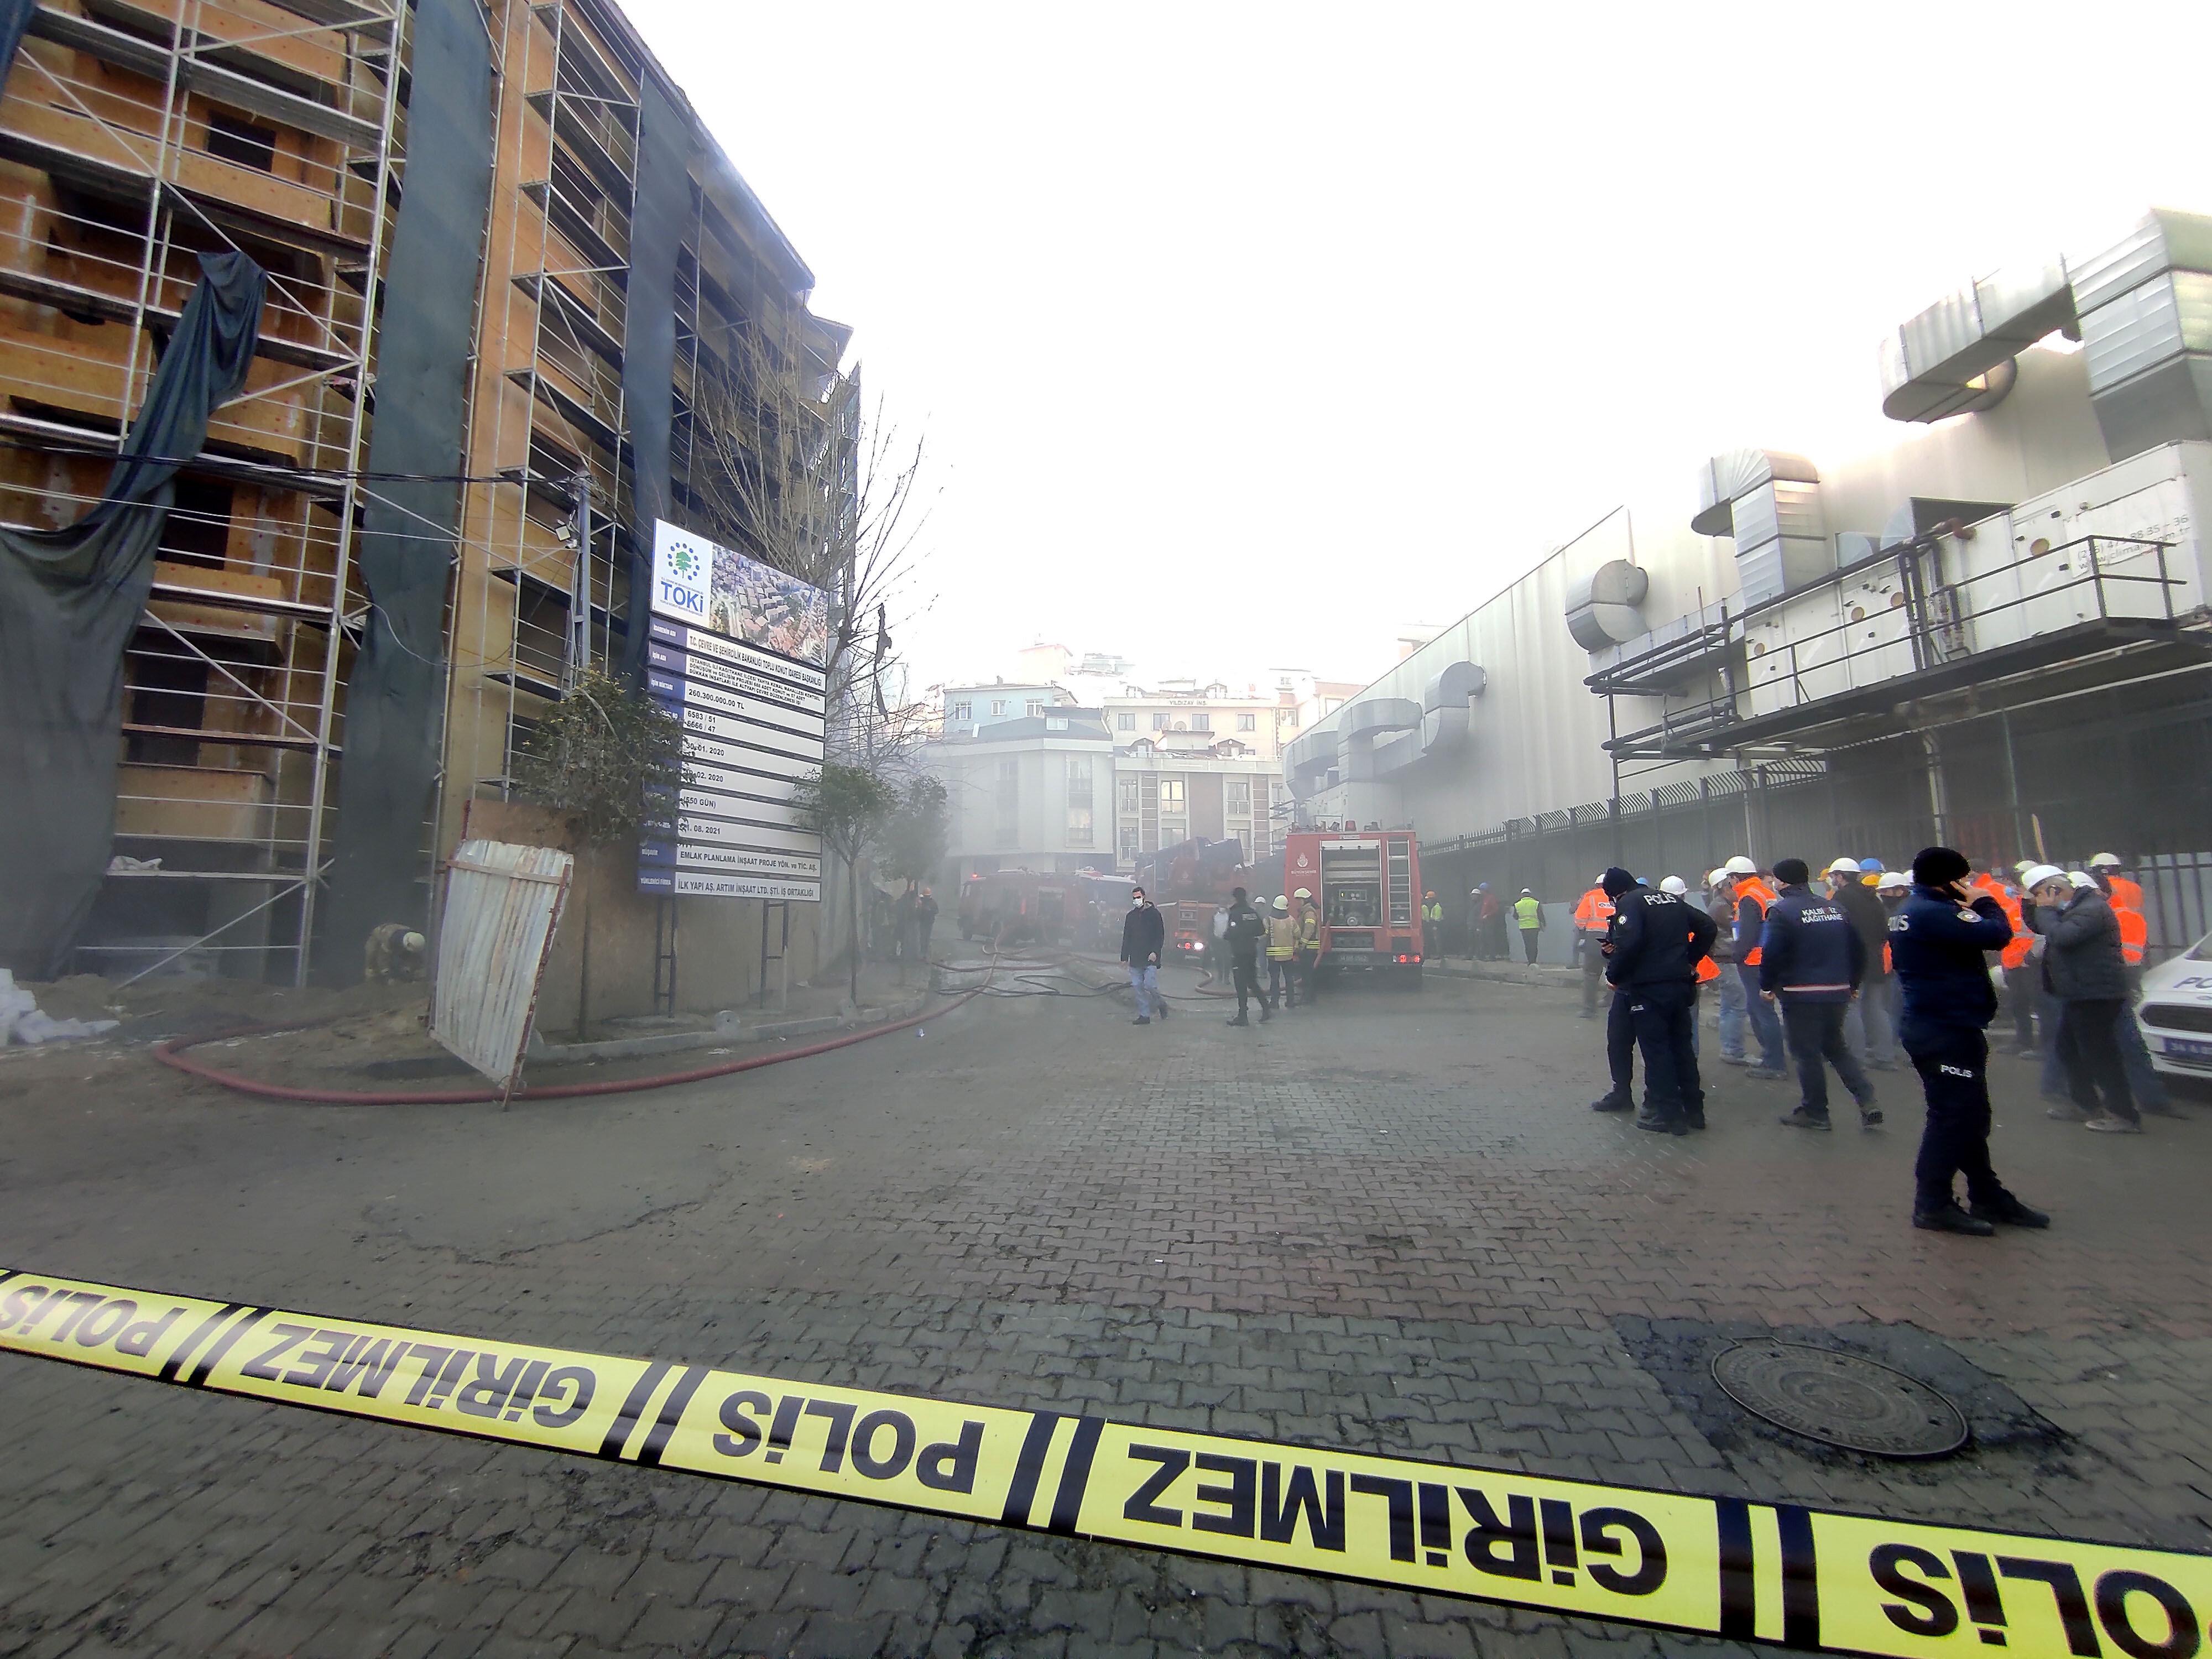 Olayda ölen ya da yaralanan olmazken, polis yangınla ilgili soruşturma başlattı.